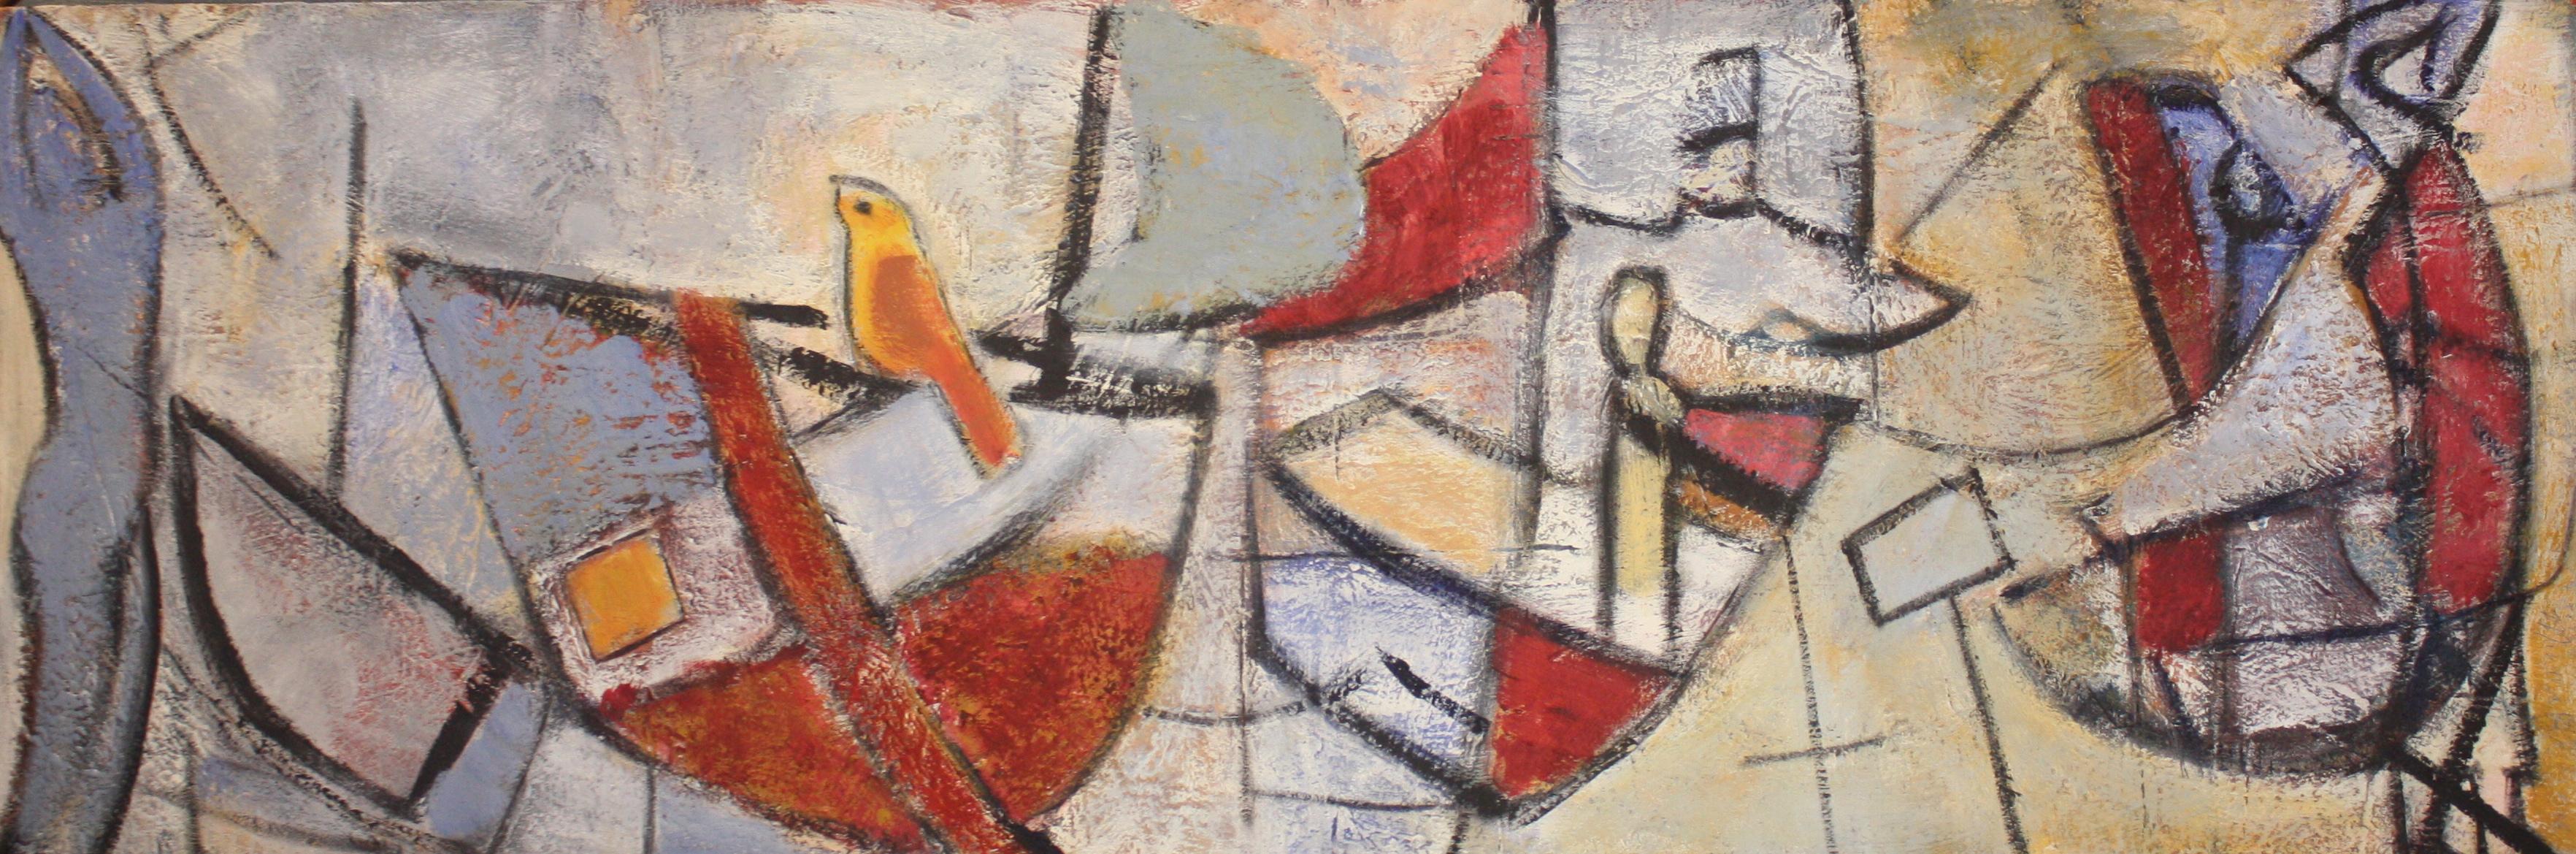 'Bird Circus'